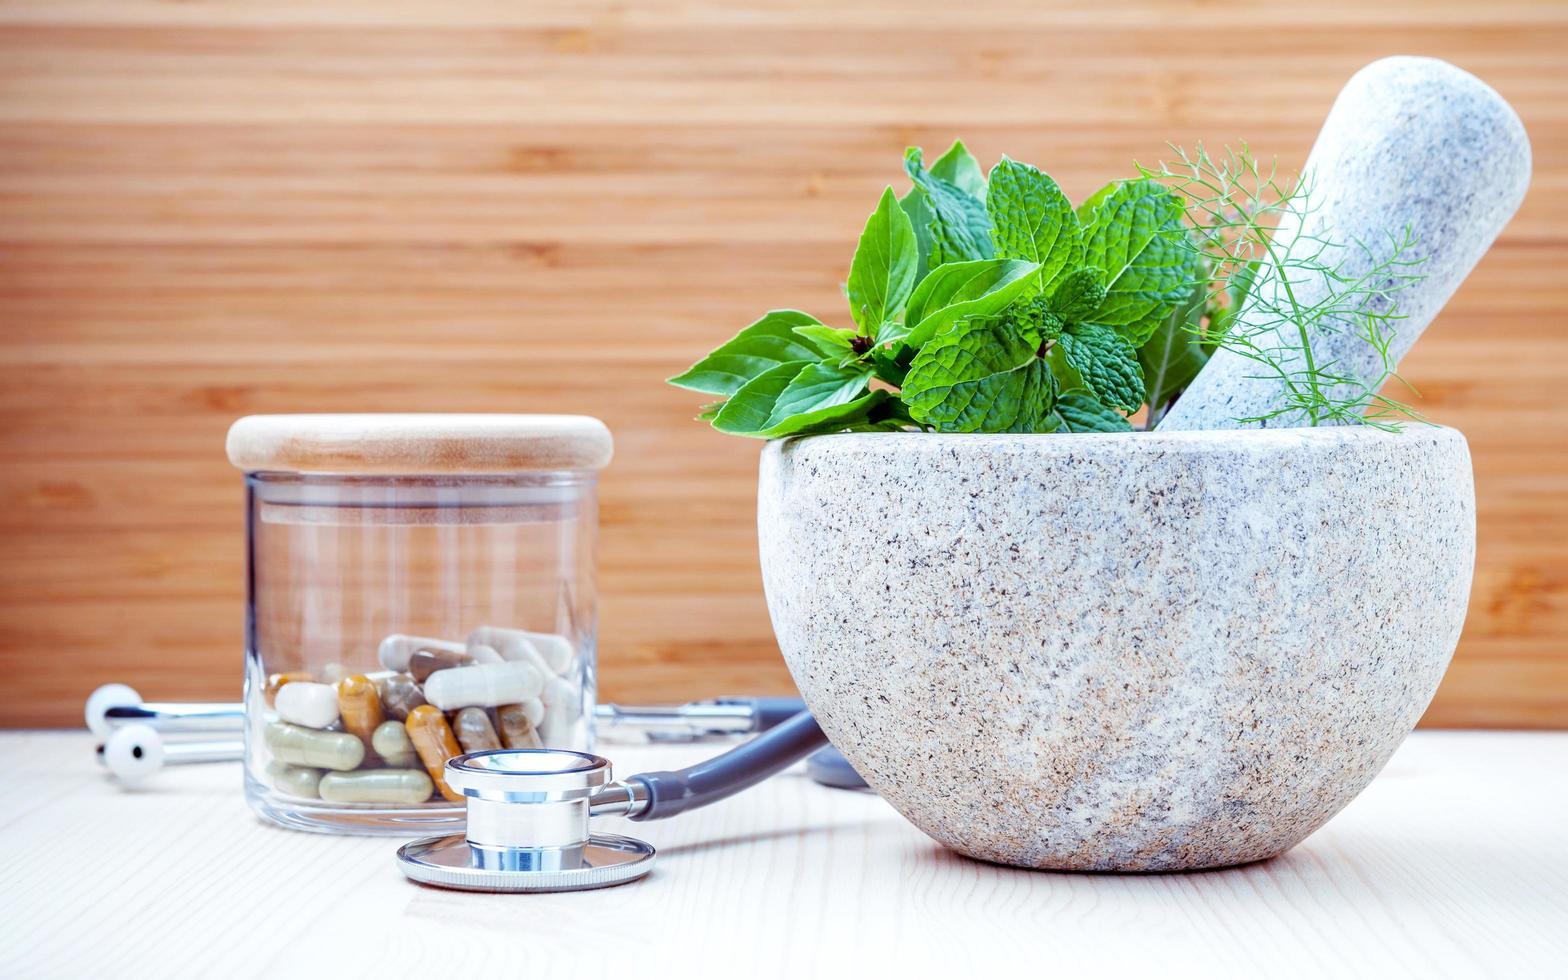 médecine alternative à base de plantes photo